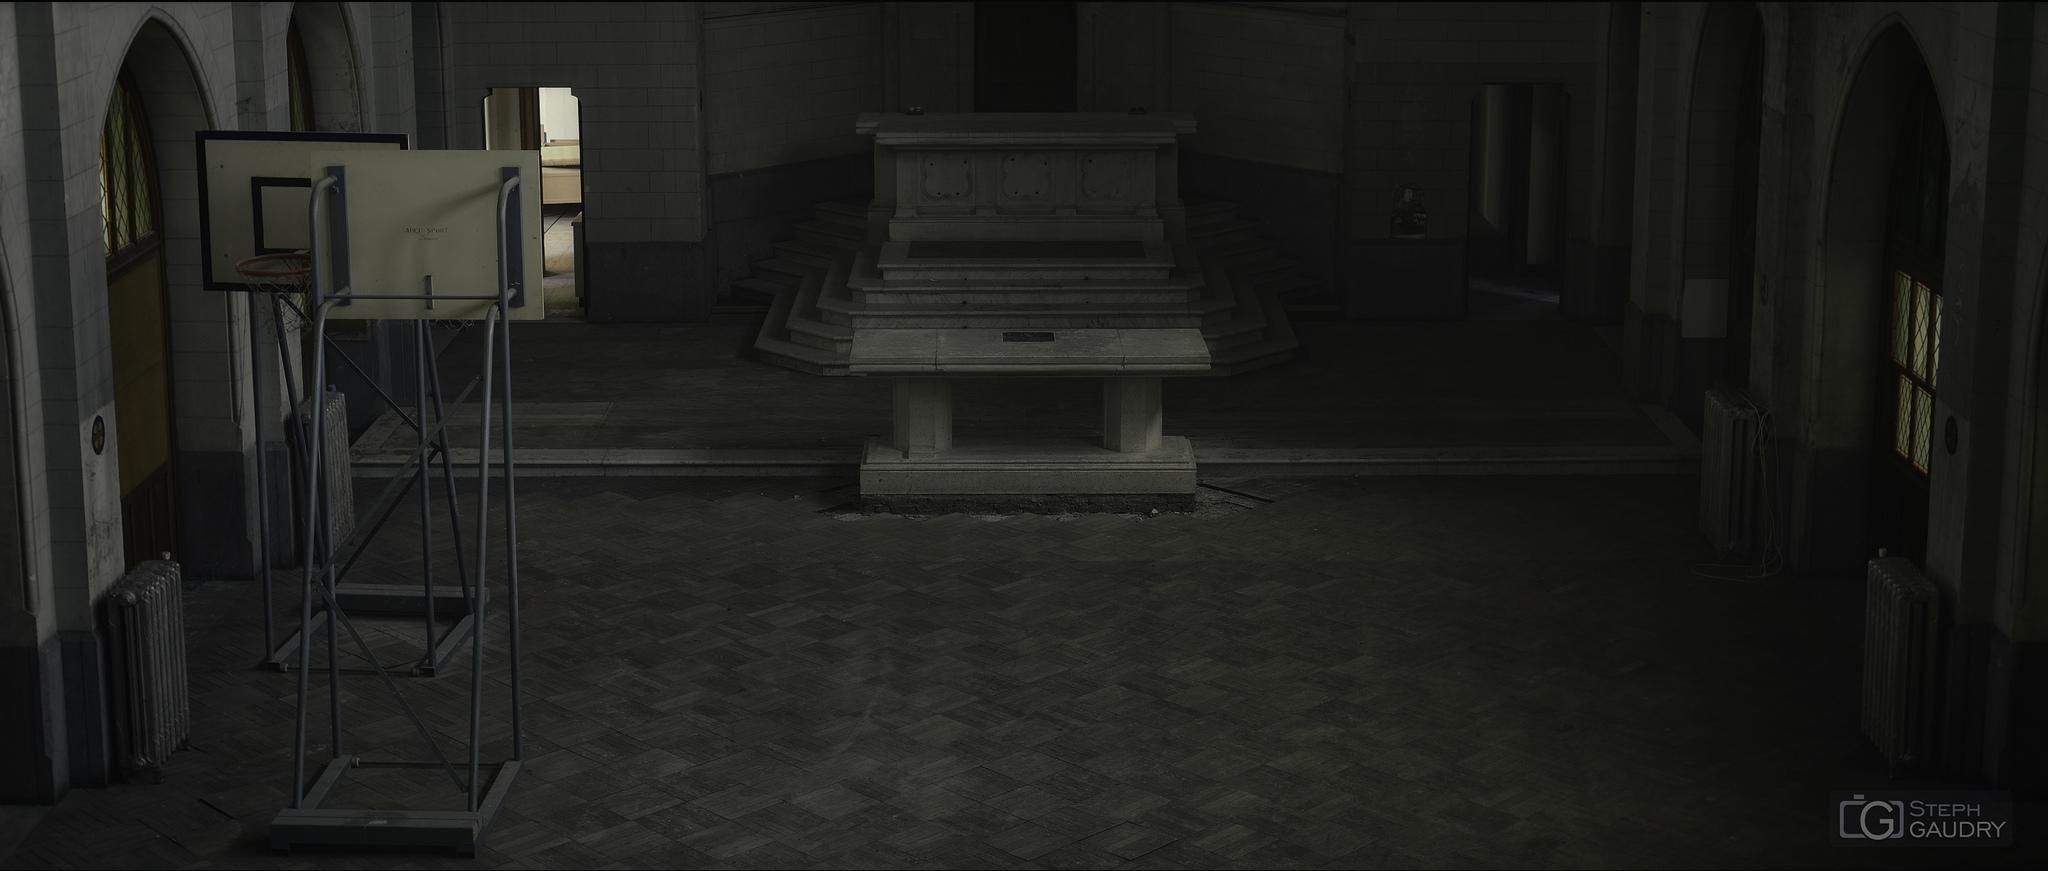 Sacrifiés sur l'autel du sport... [Klik om de diavoorstelling te starten]